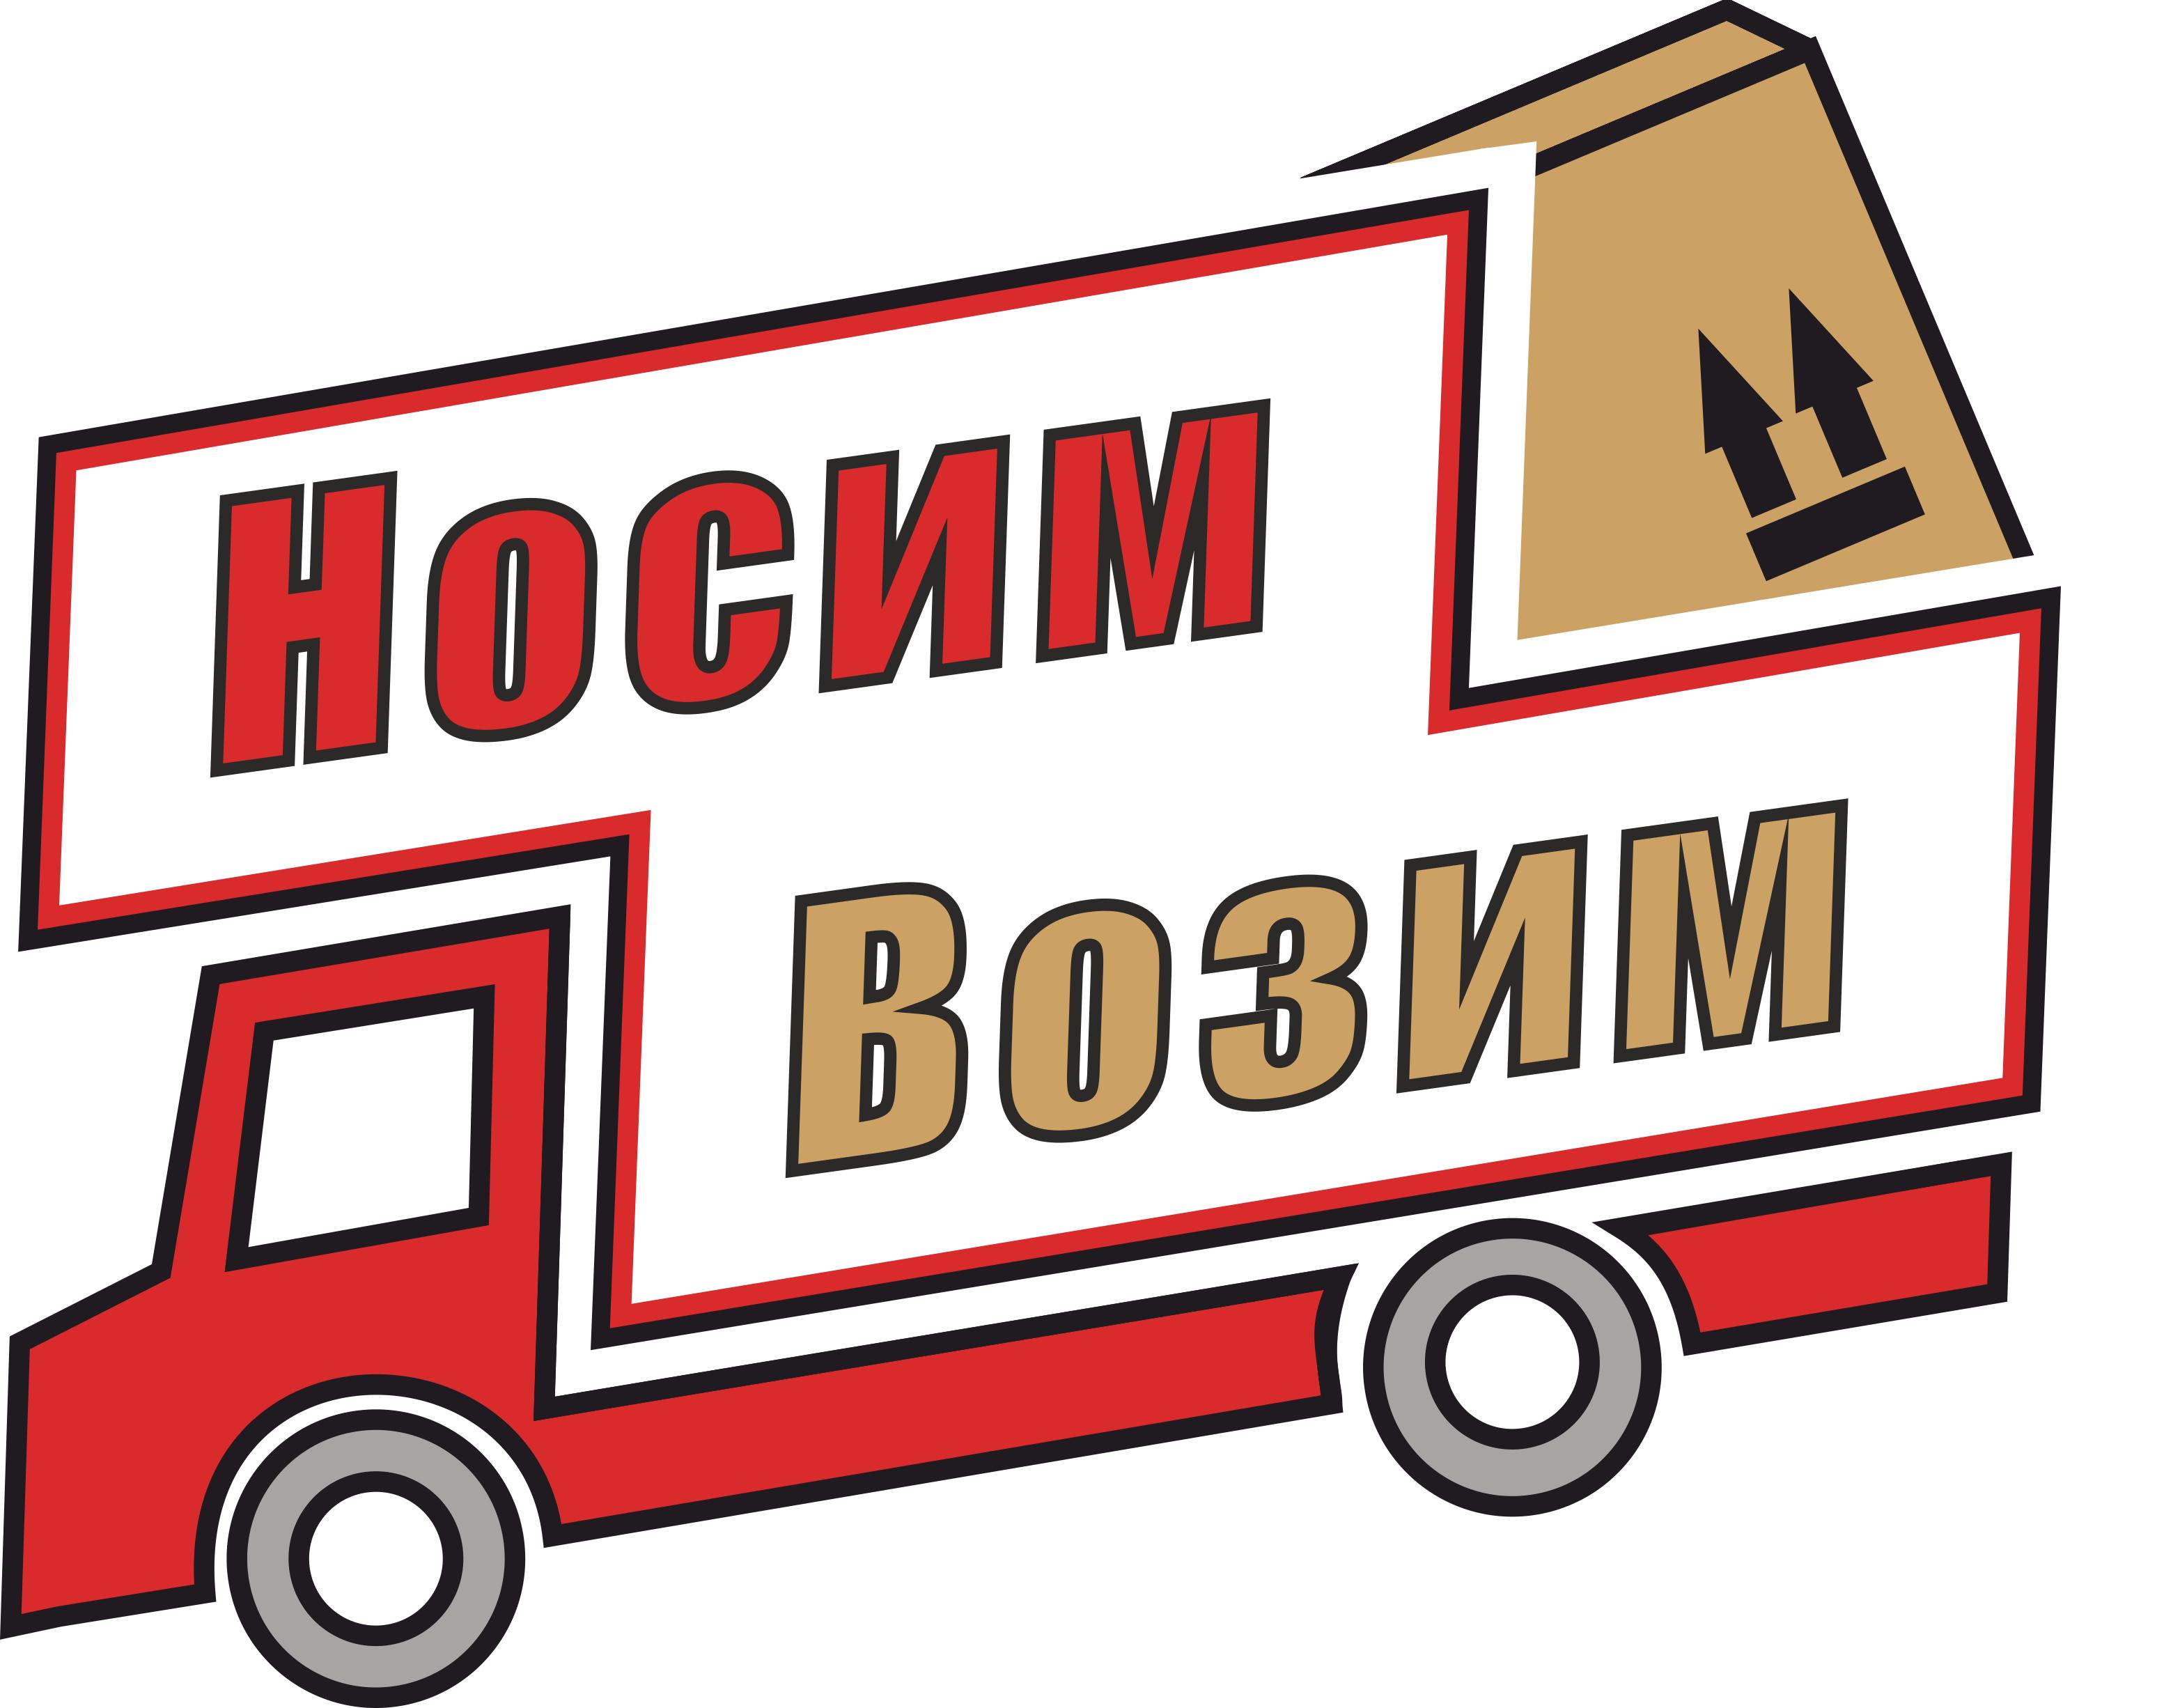 Логотип компании по перевозкам НосимВозим фото f_0745cf74eeb6792a.png